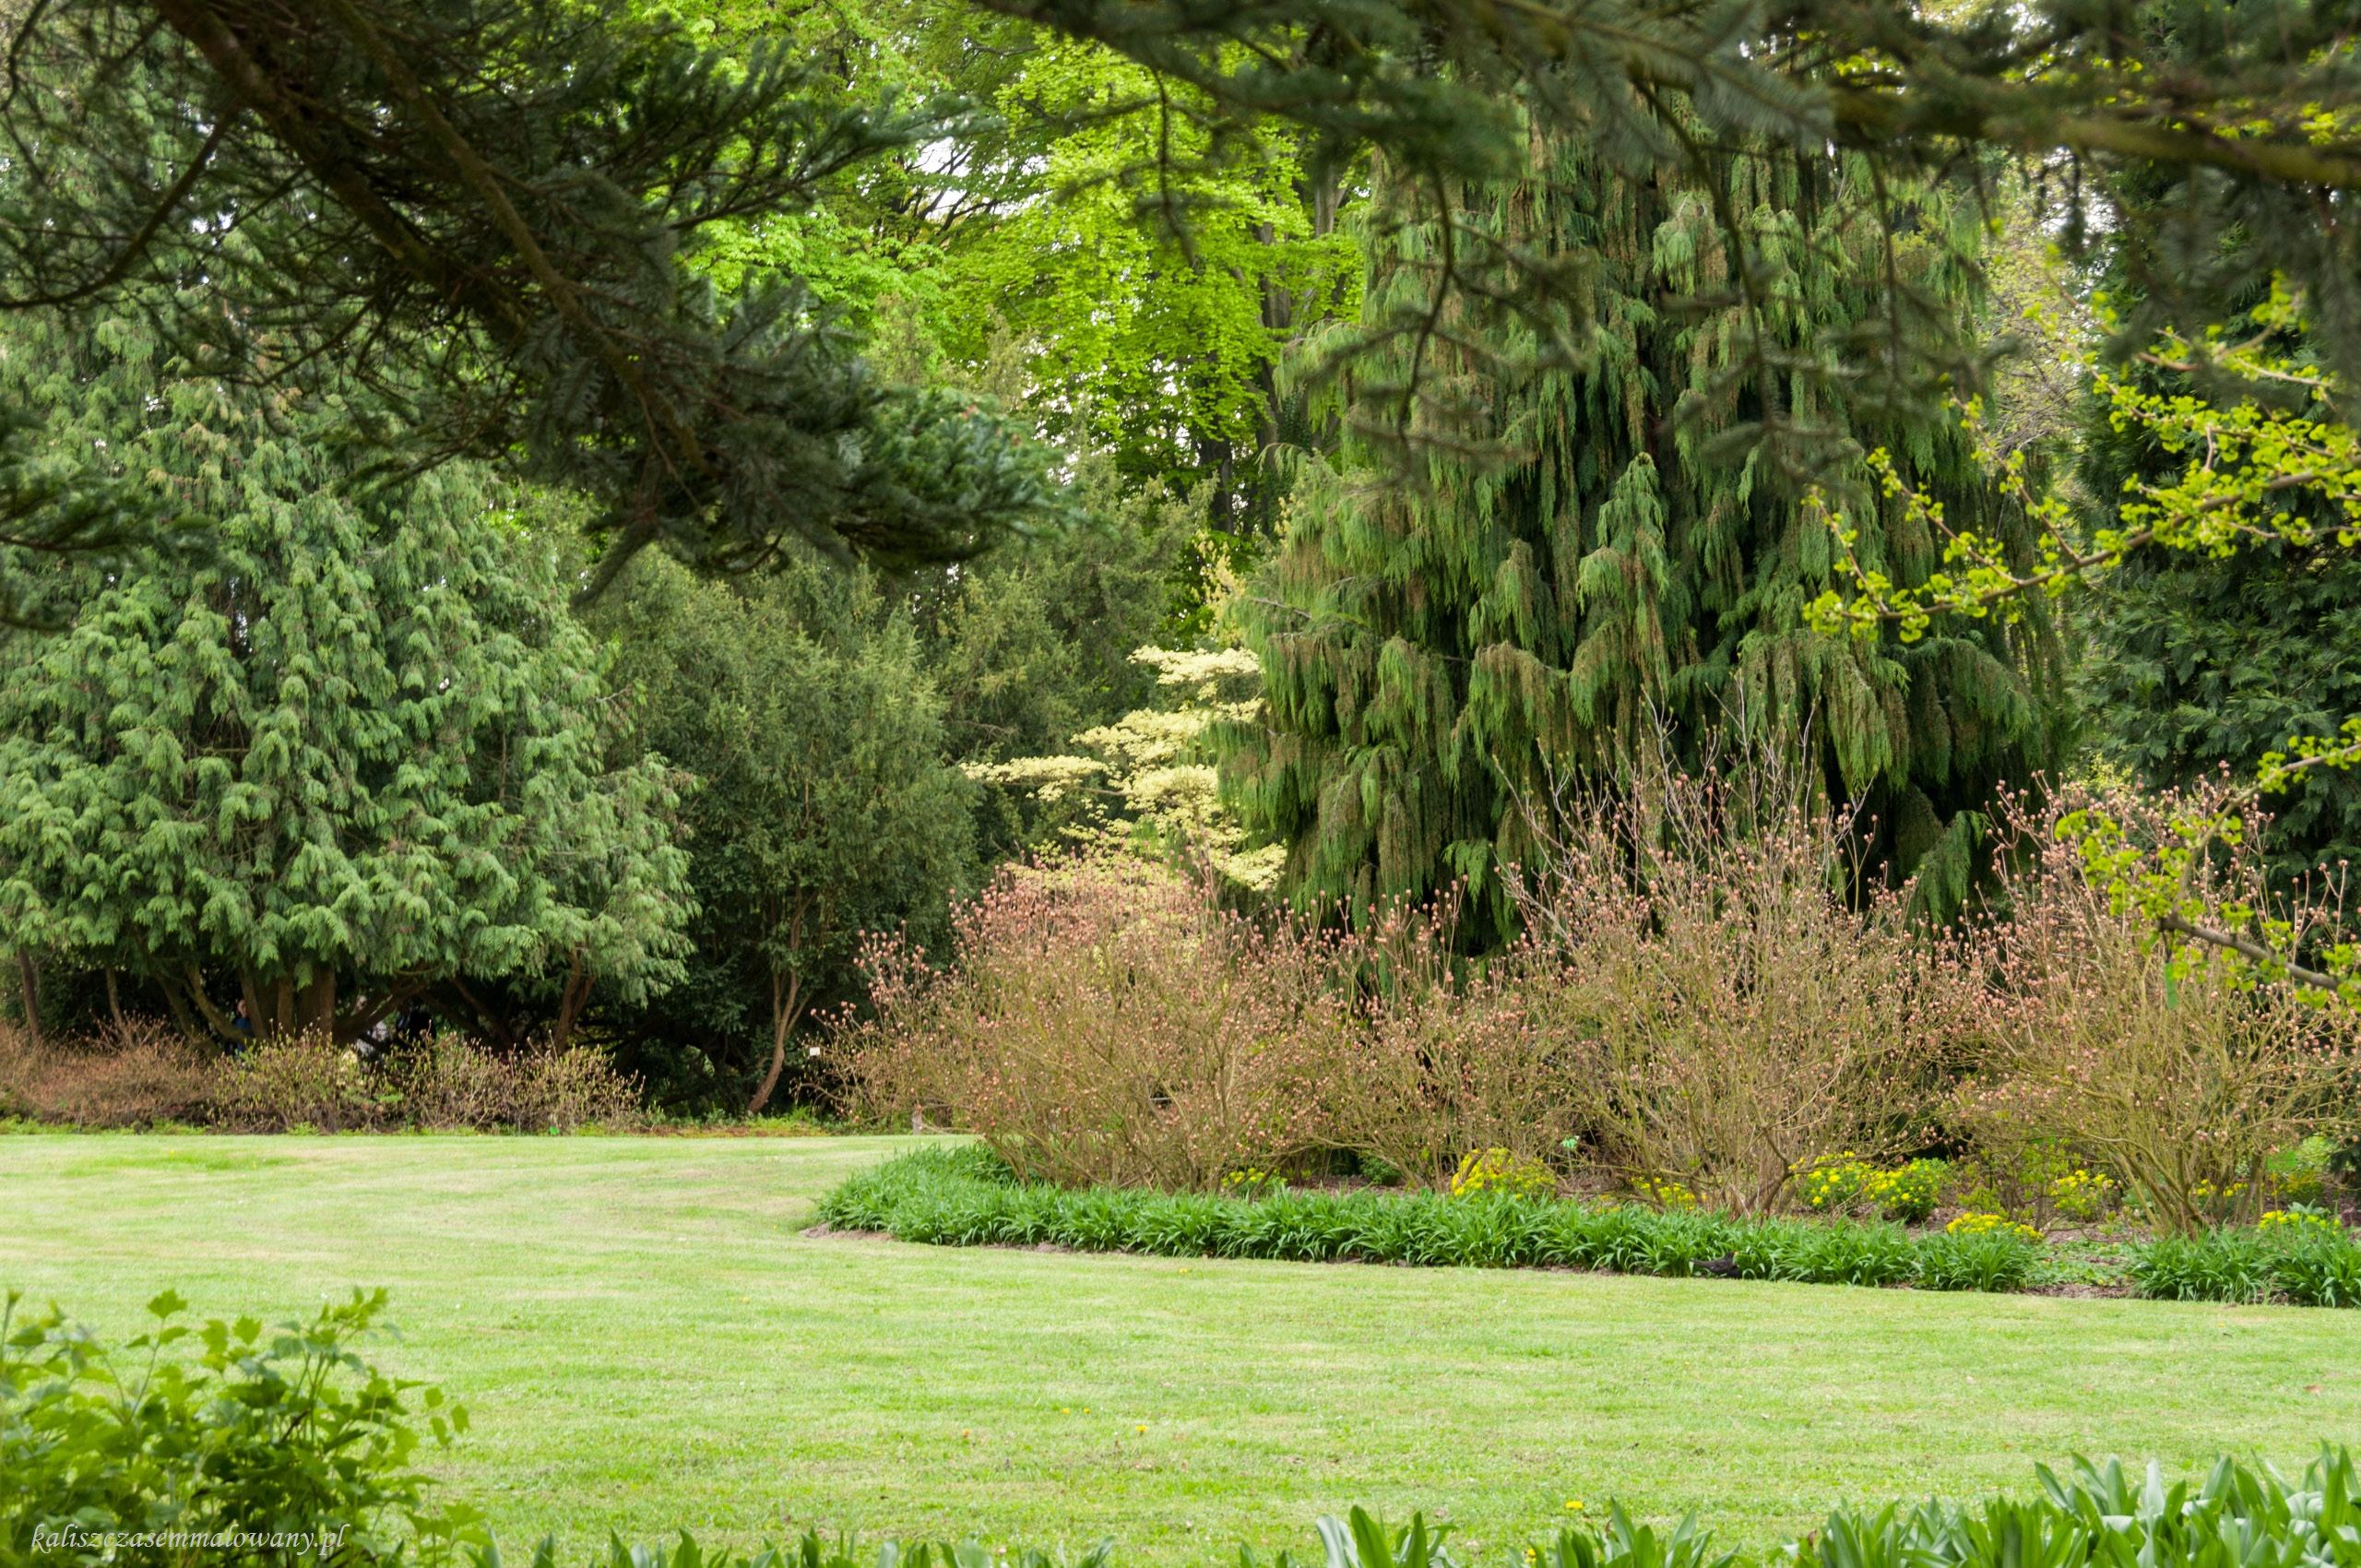 arboretum-woj-08